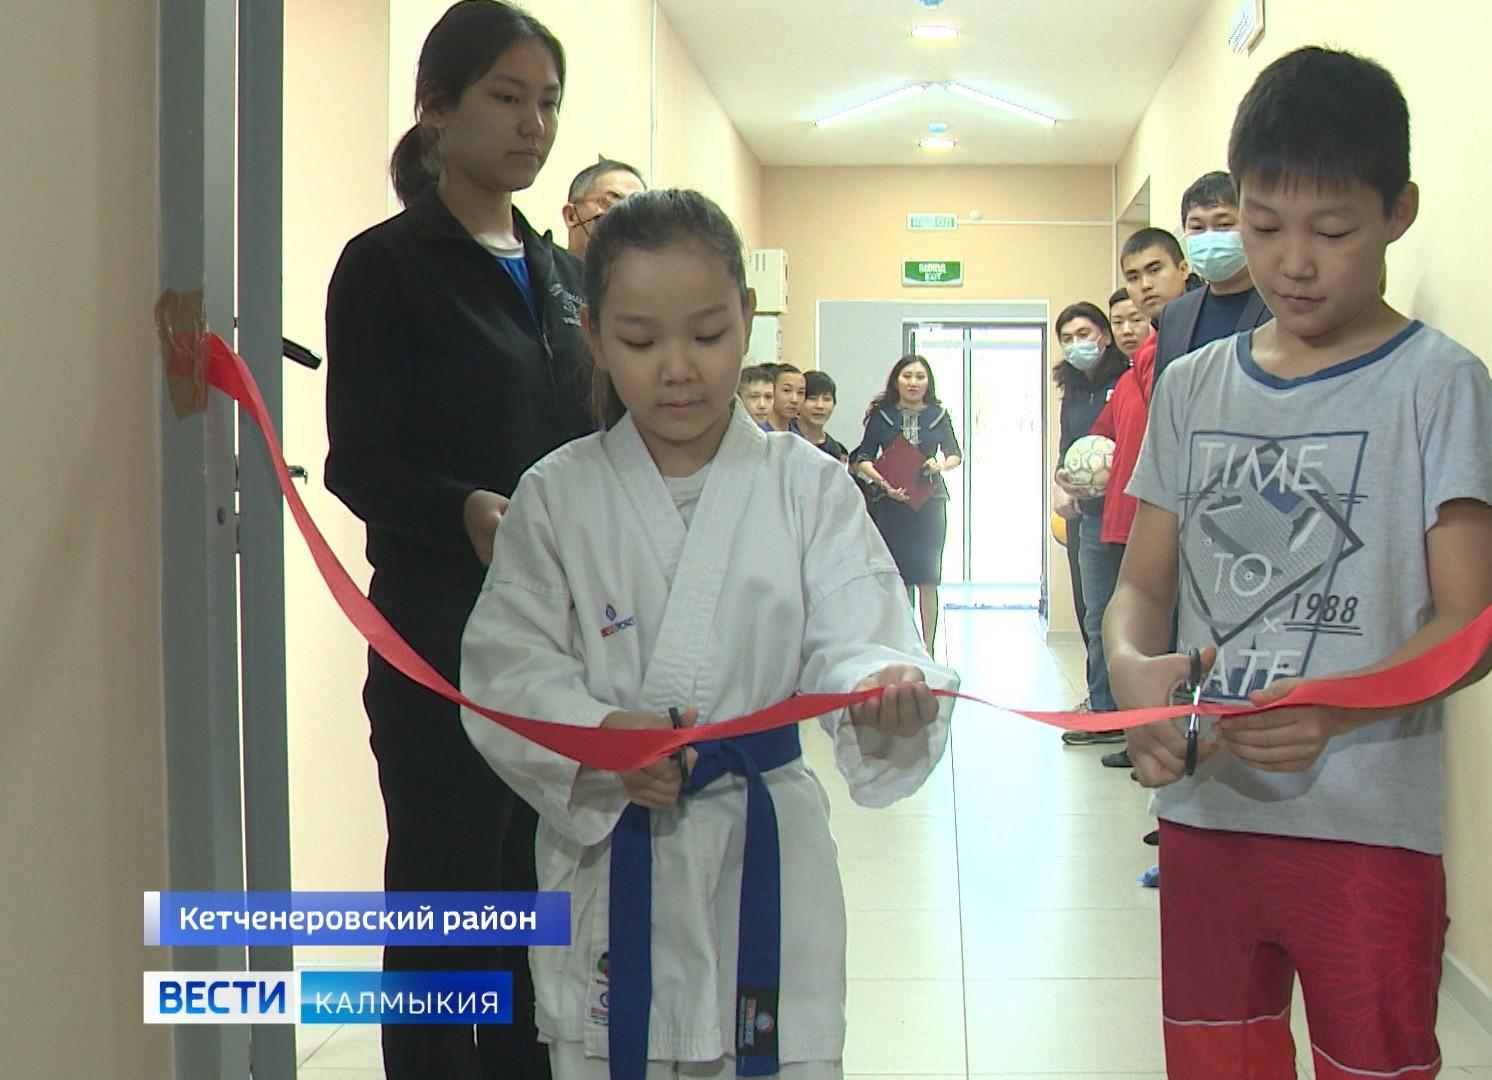 В поселке Кетченеры состоялось торжественное открытие ДЮСШ после реконструкции